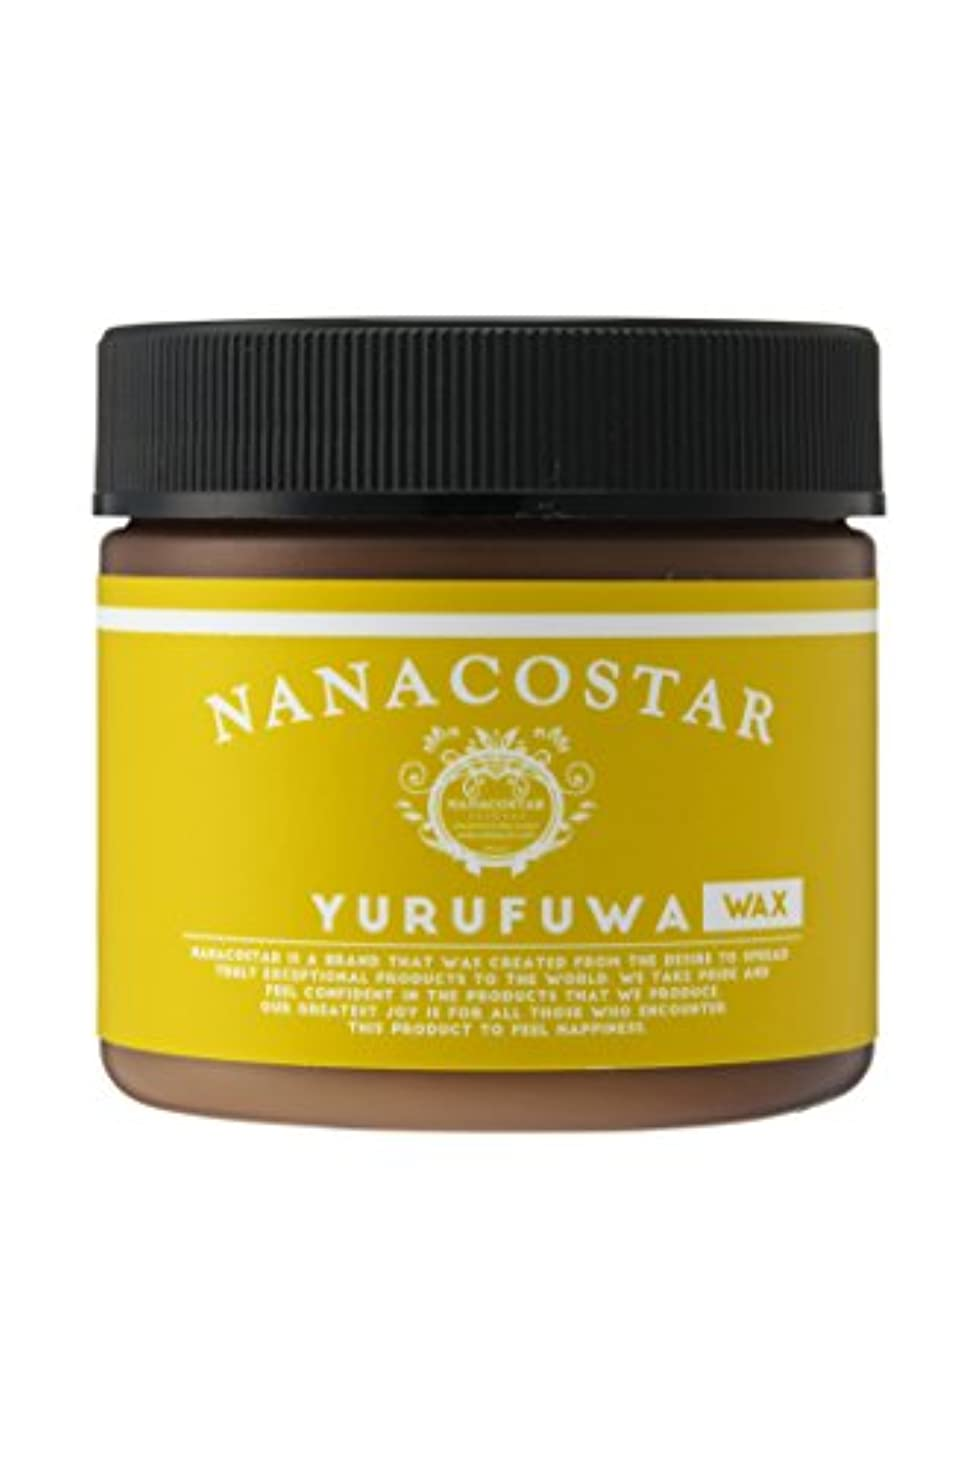 プレゼントスポンジ海洋ナナコスター [NANACOSTAR] ユルフワ ワックス YURUFUWA WAX 75g …